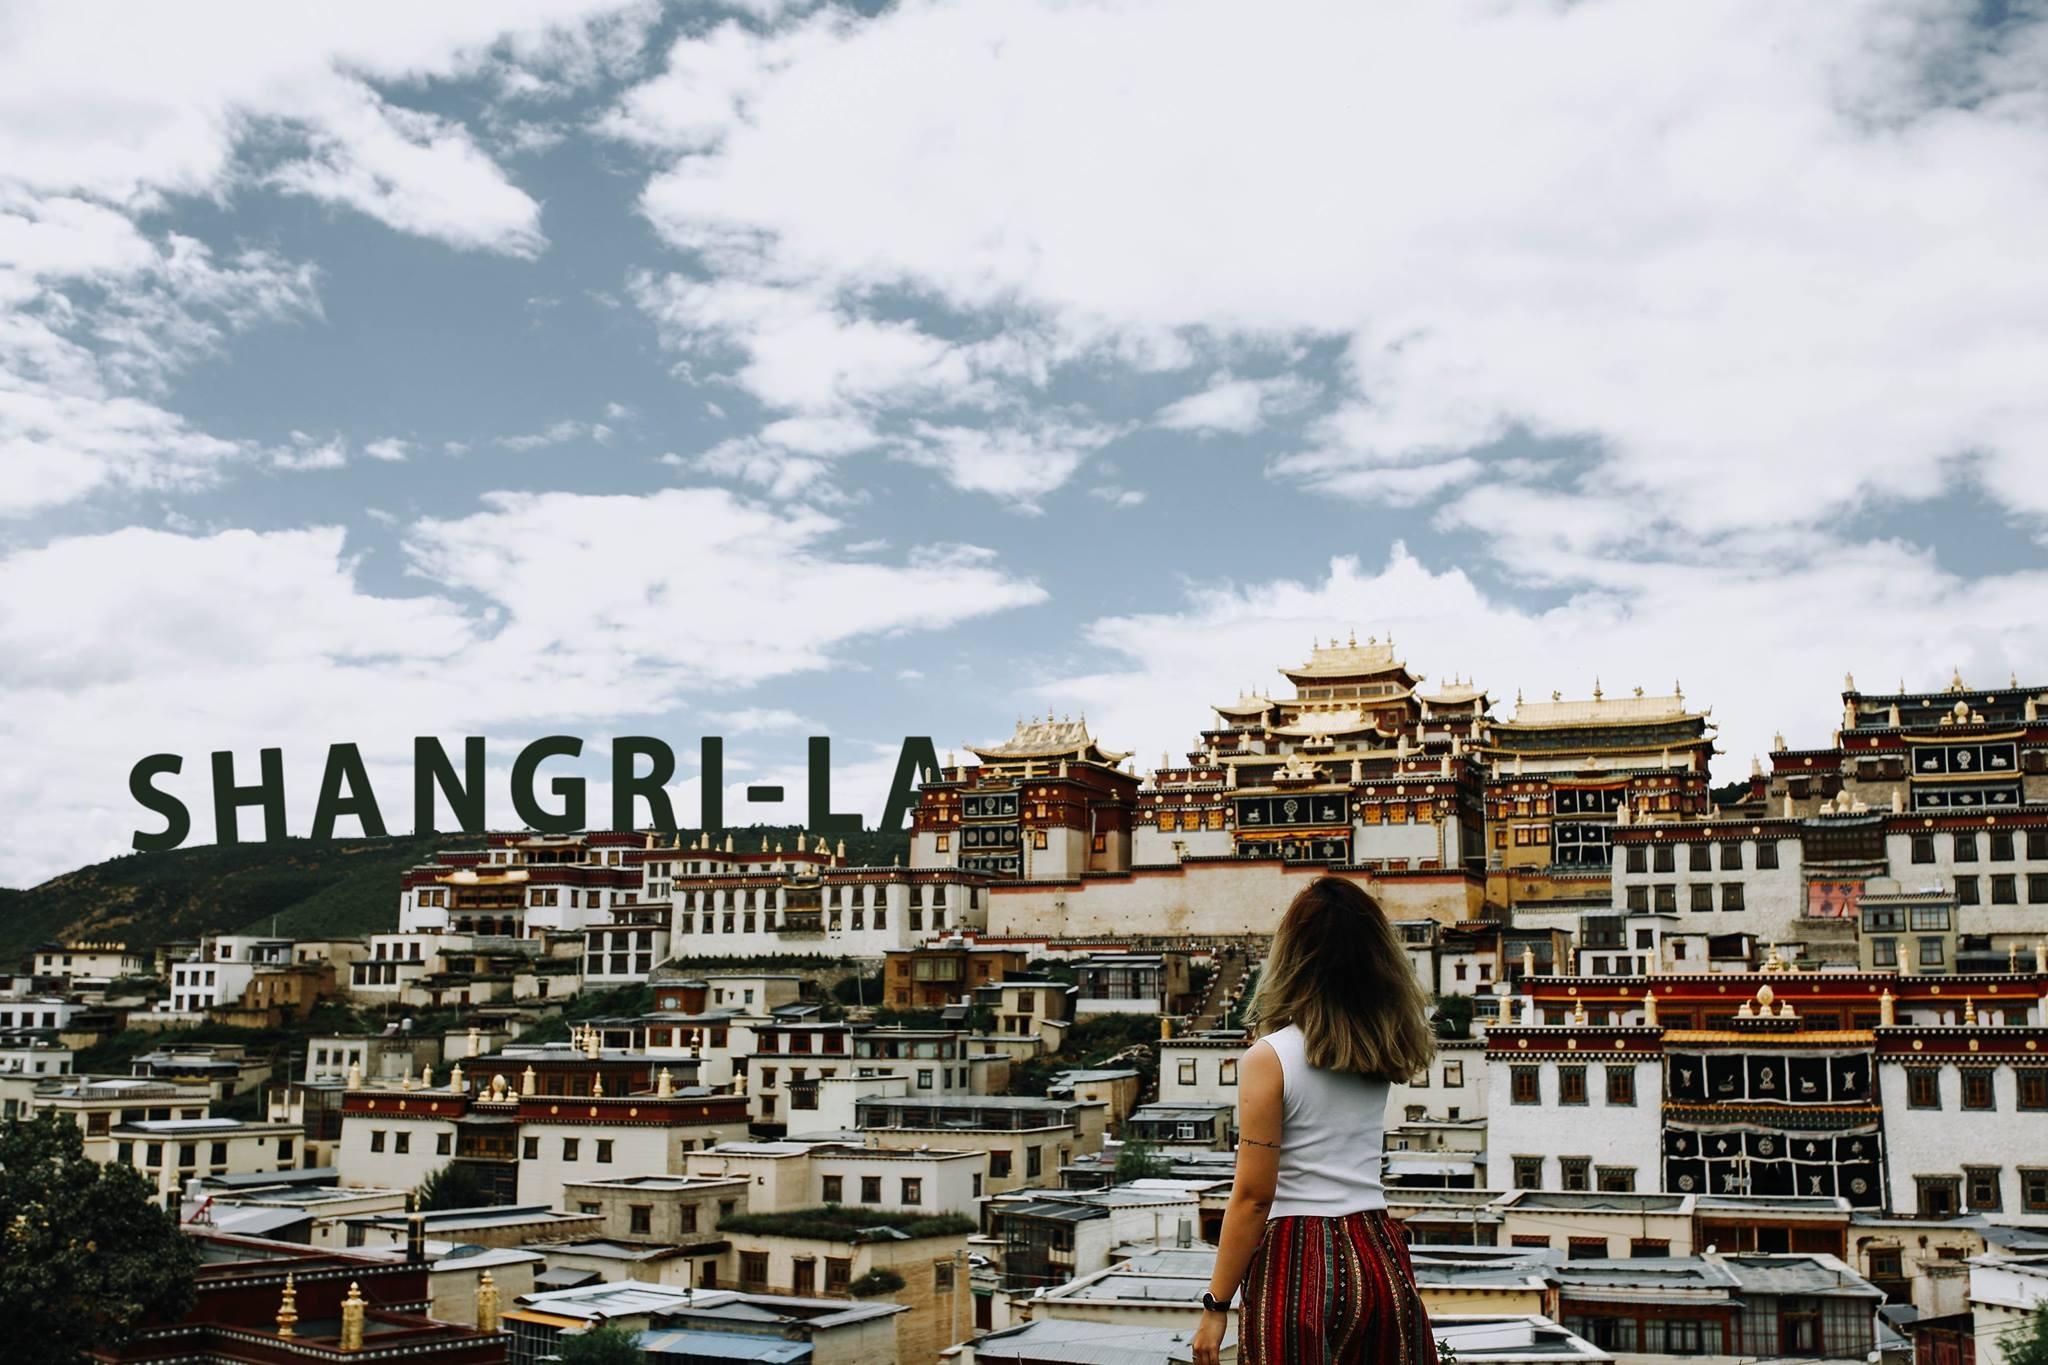 Trung Quốc: Côn Minh - Đại Lý - Lệ Giang Shangrila